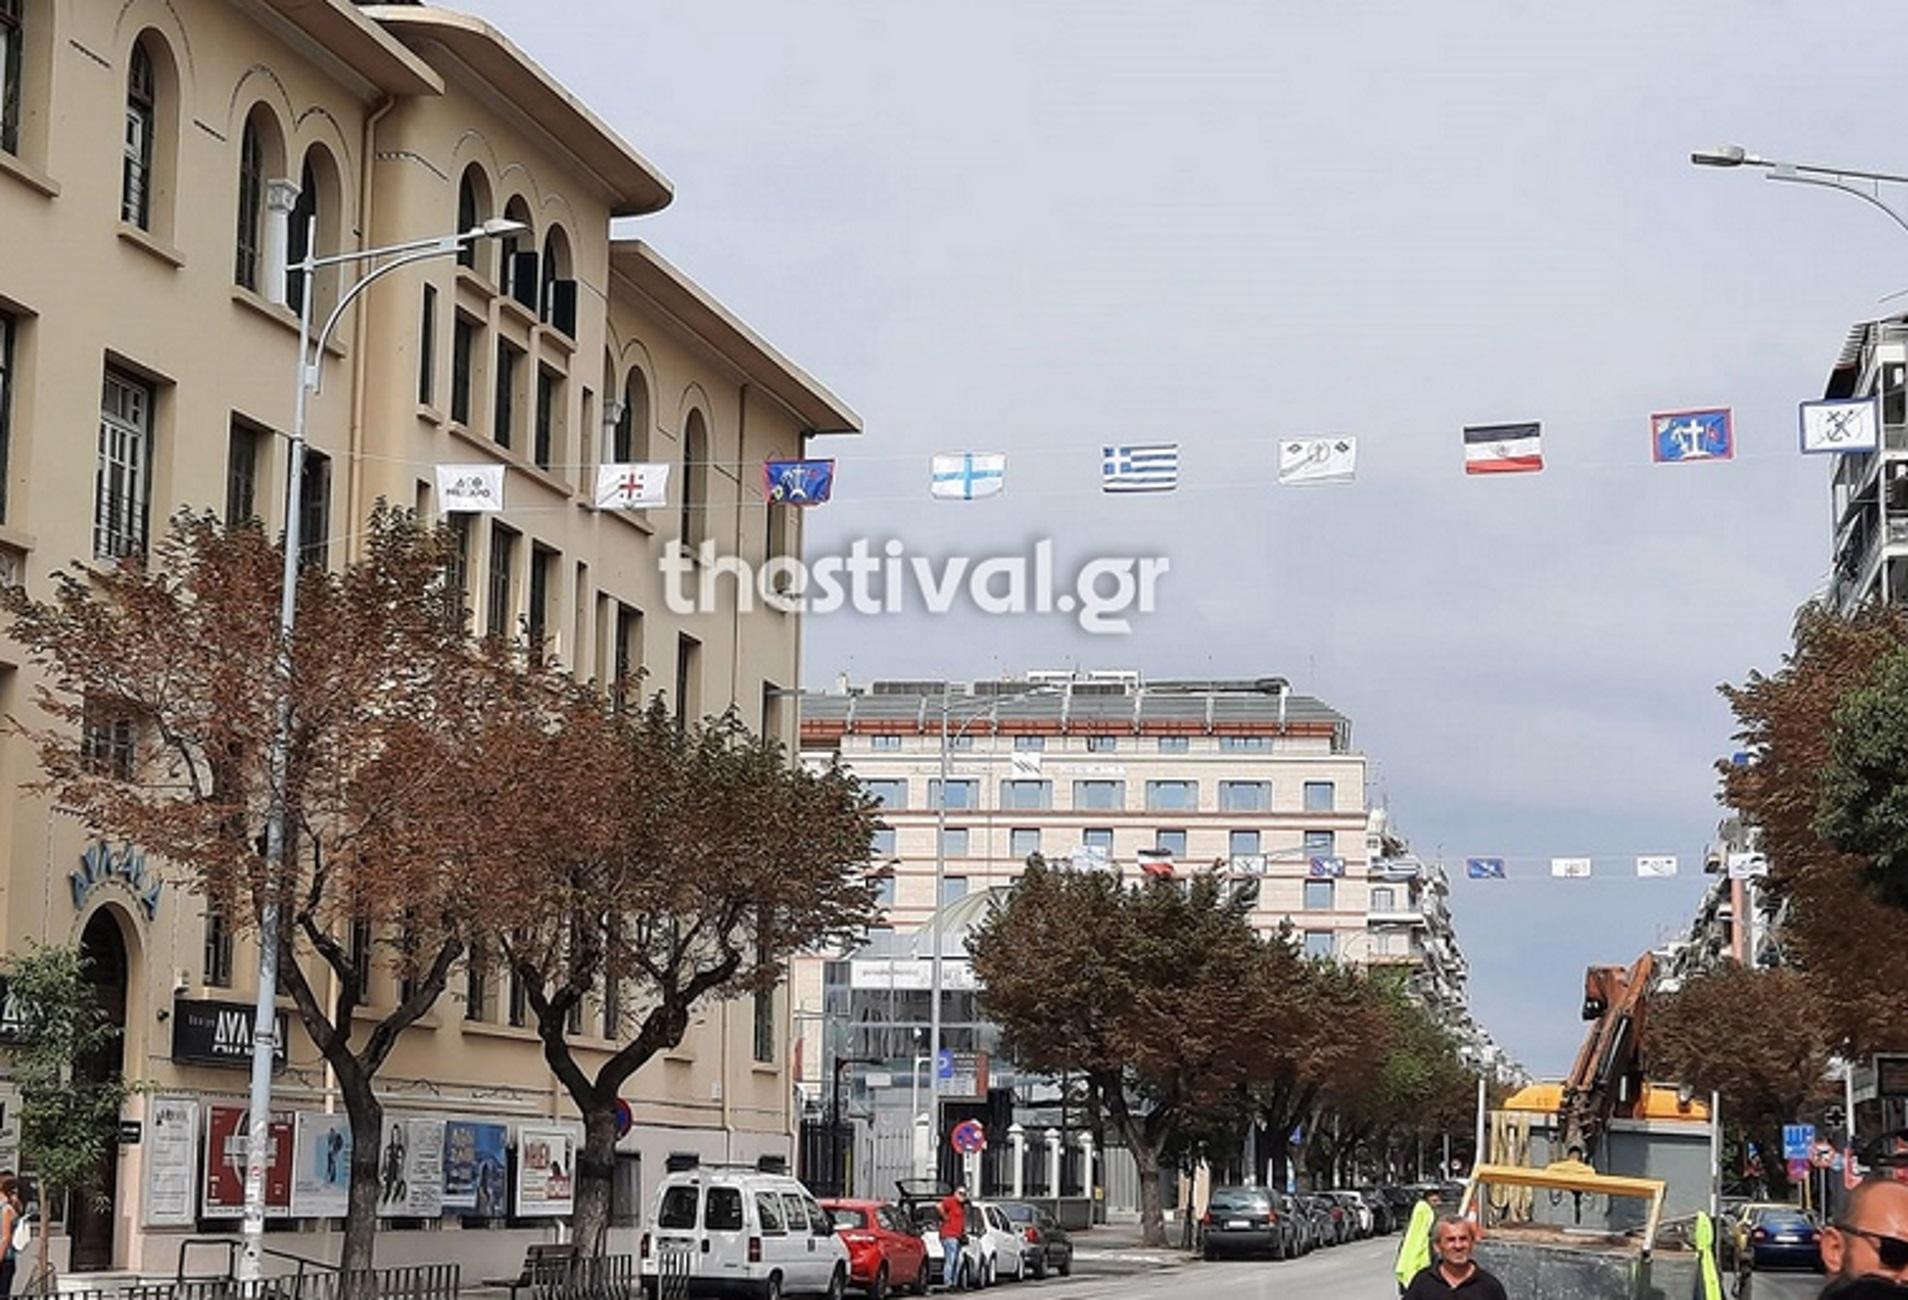 Θεσσαλονίκη: Σημαίες της επανάστασης του 1821 στόλισαν την πόλη – Επί ποδός τα συνεργεία